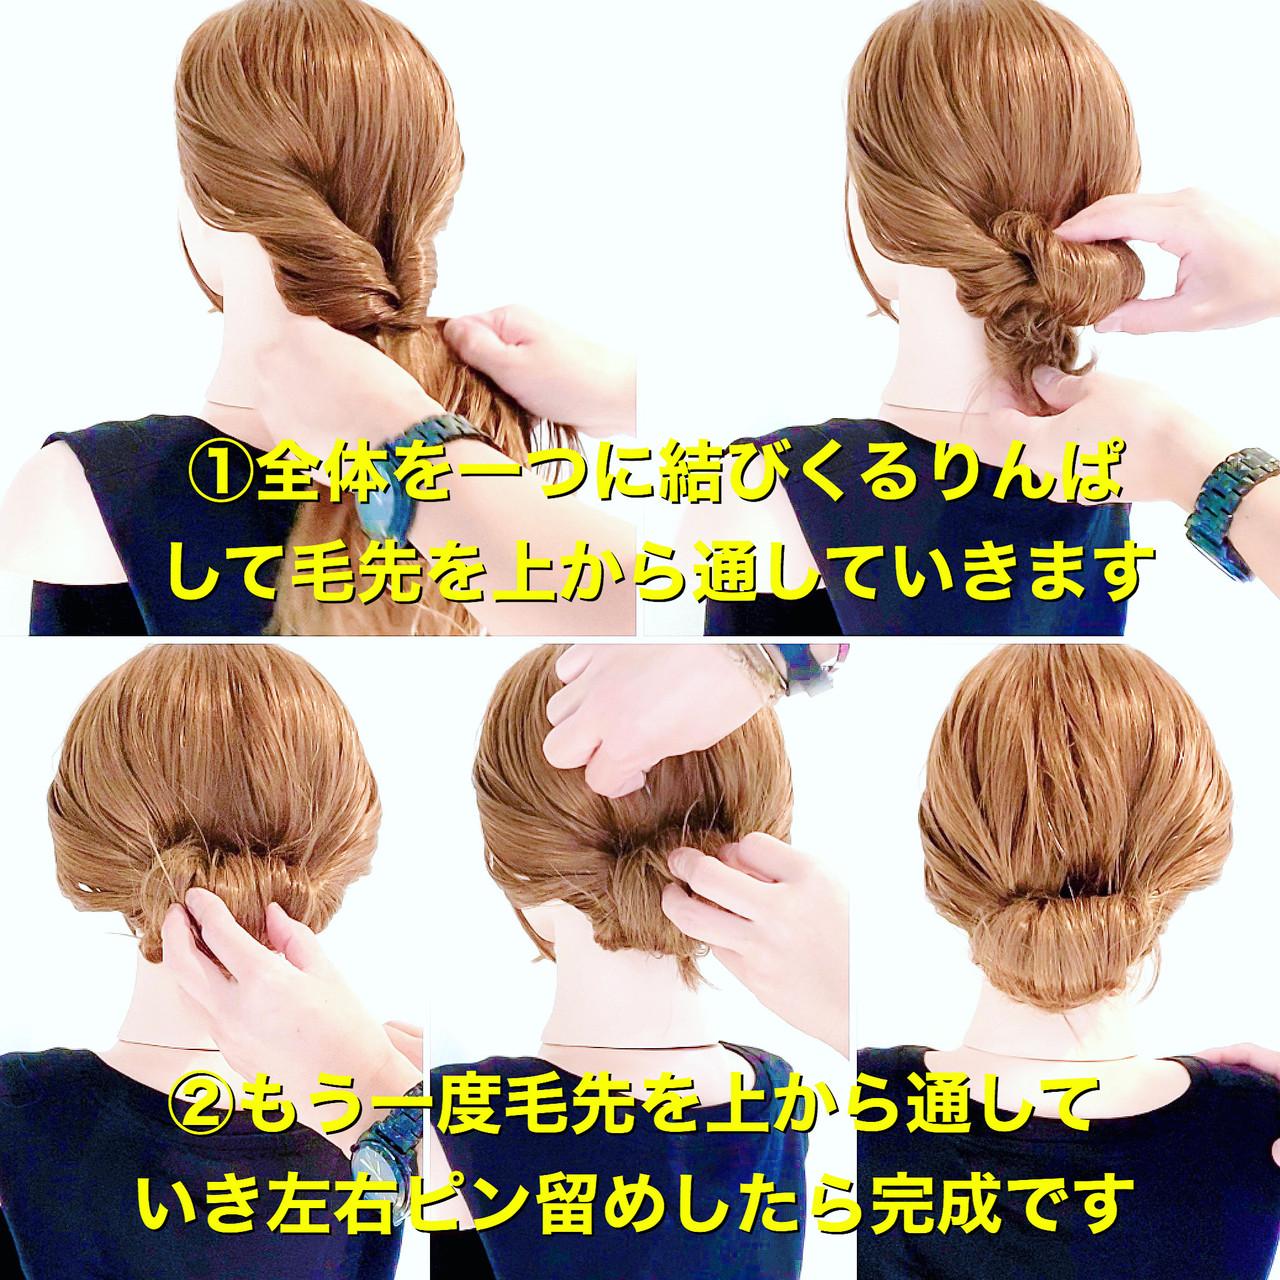 ヘアアレンジ ロング エレガント ヘアセット ヘアスタイルや髪型の写真・画像